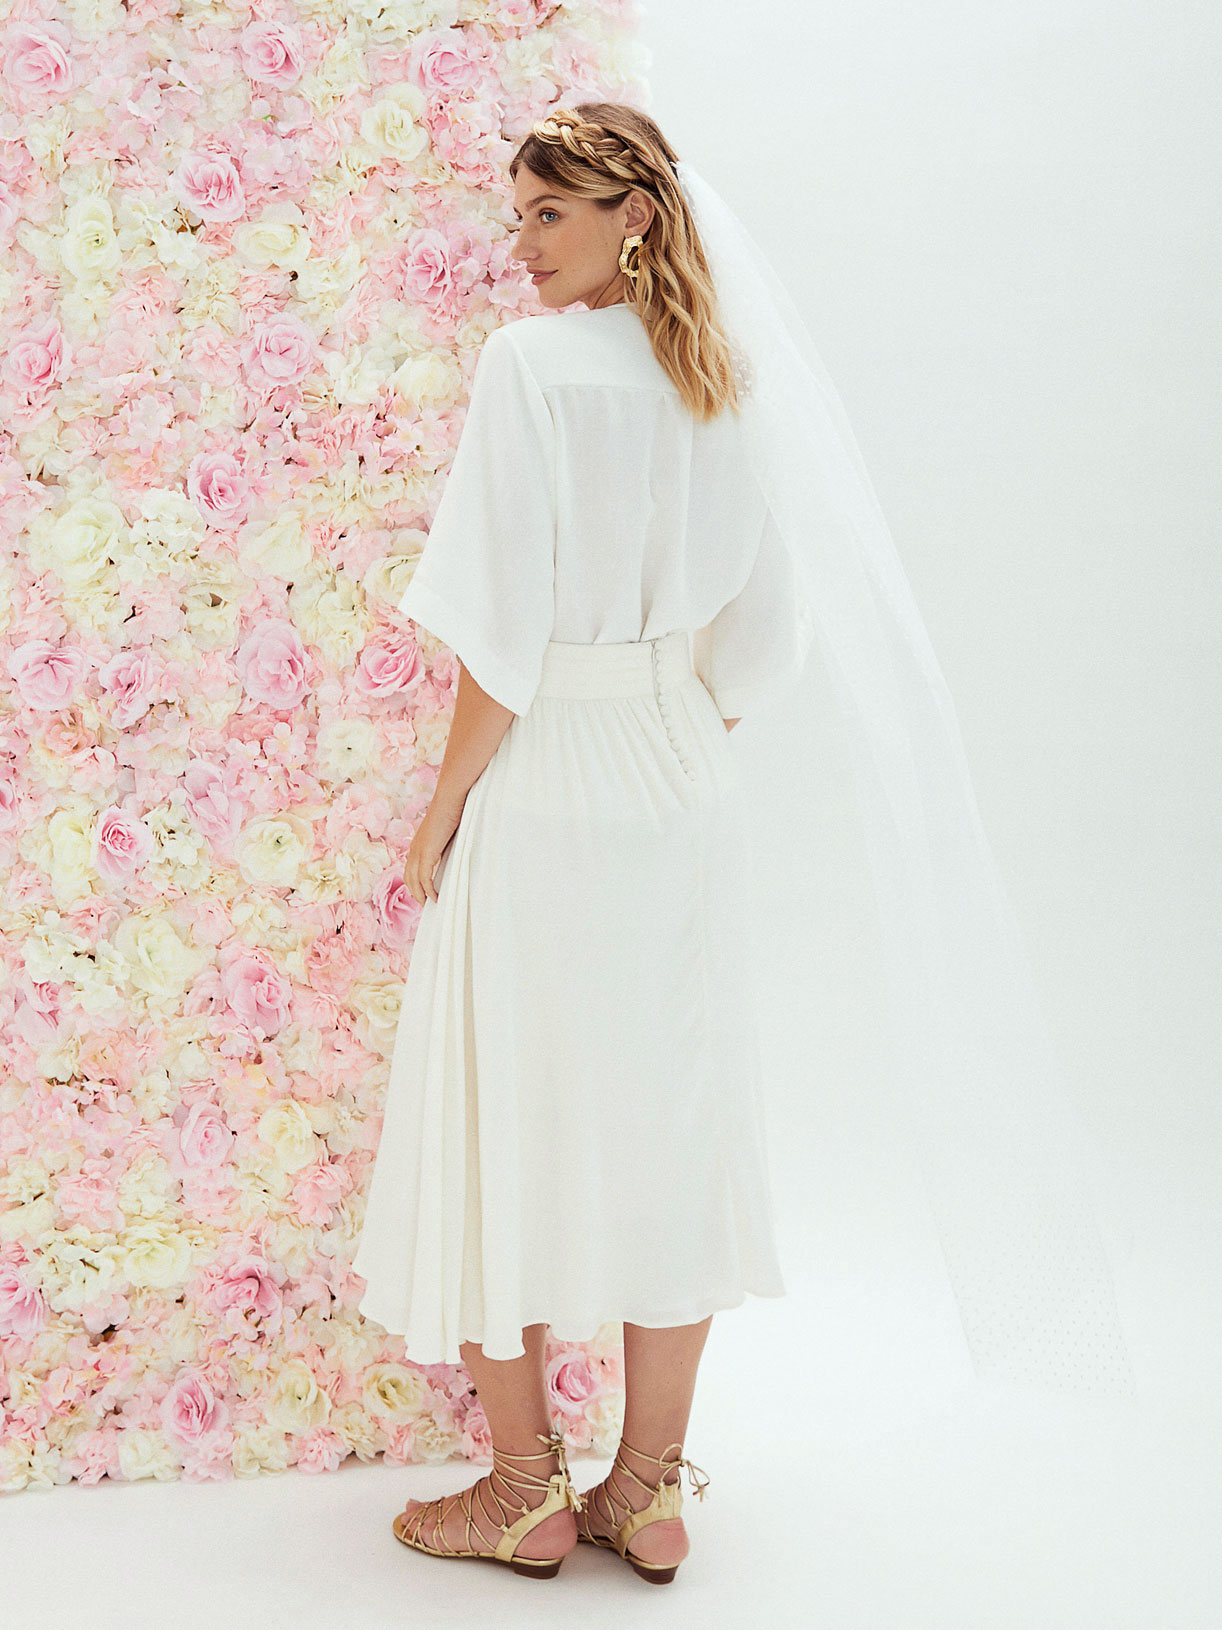 Jupe de mariee midi corolle ecoresponsable sur mesure pour mariage civil - Creatrice de robe de mariée éthique et écoresponsable a Paris - Myphilosop